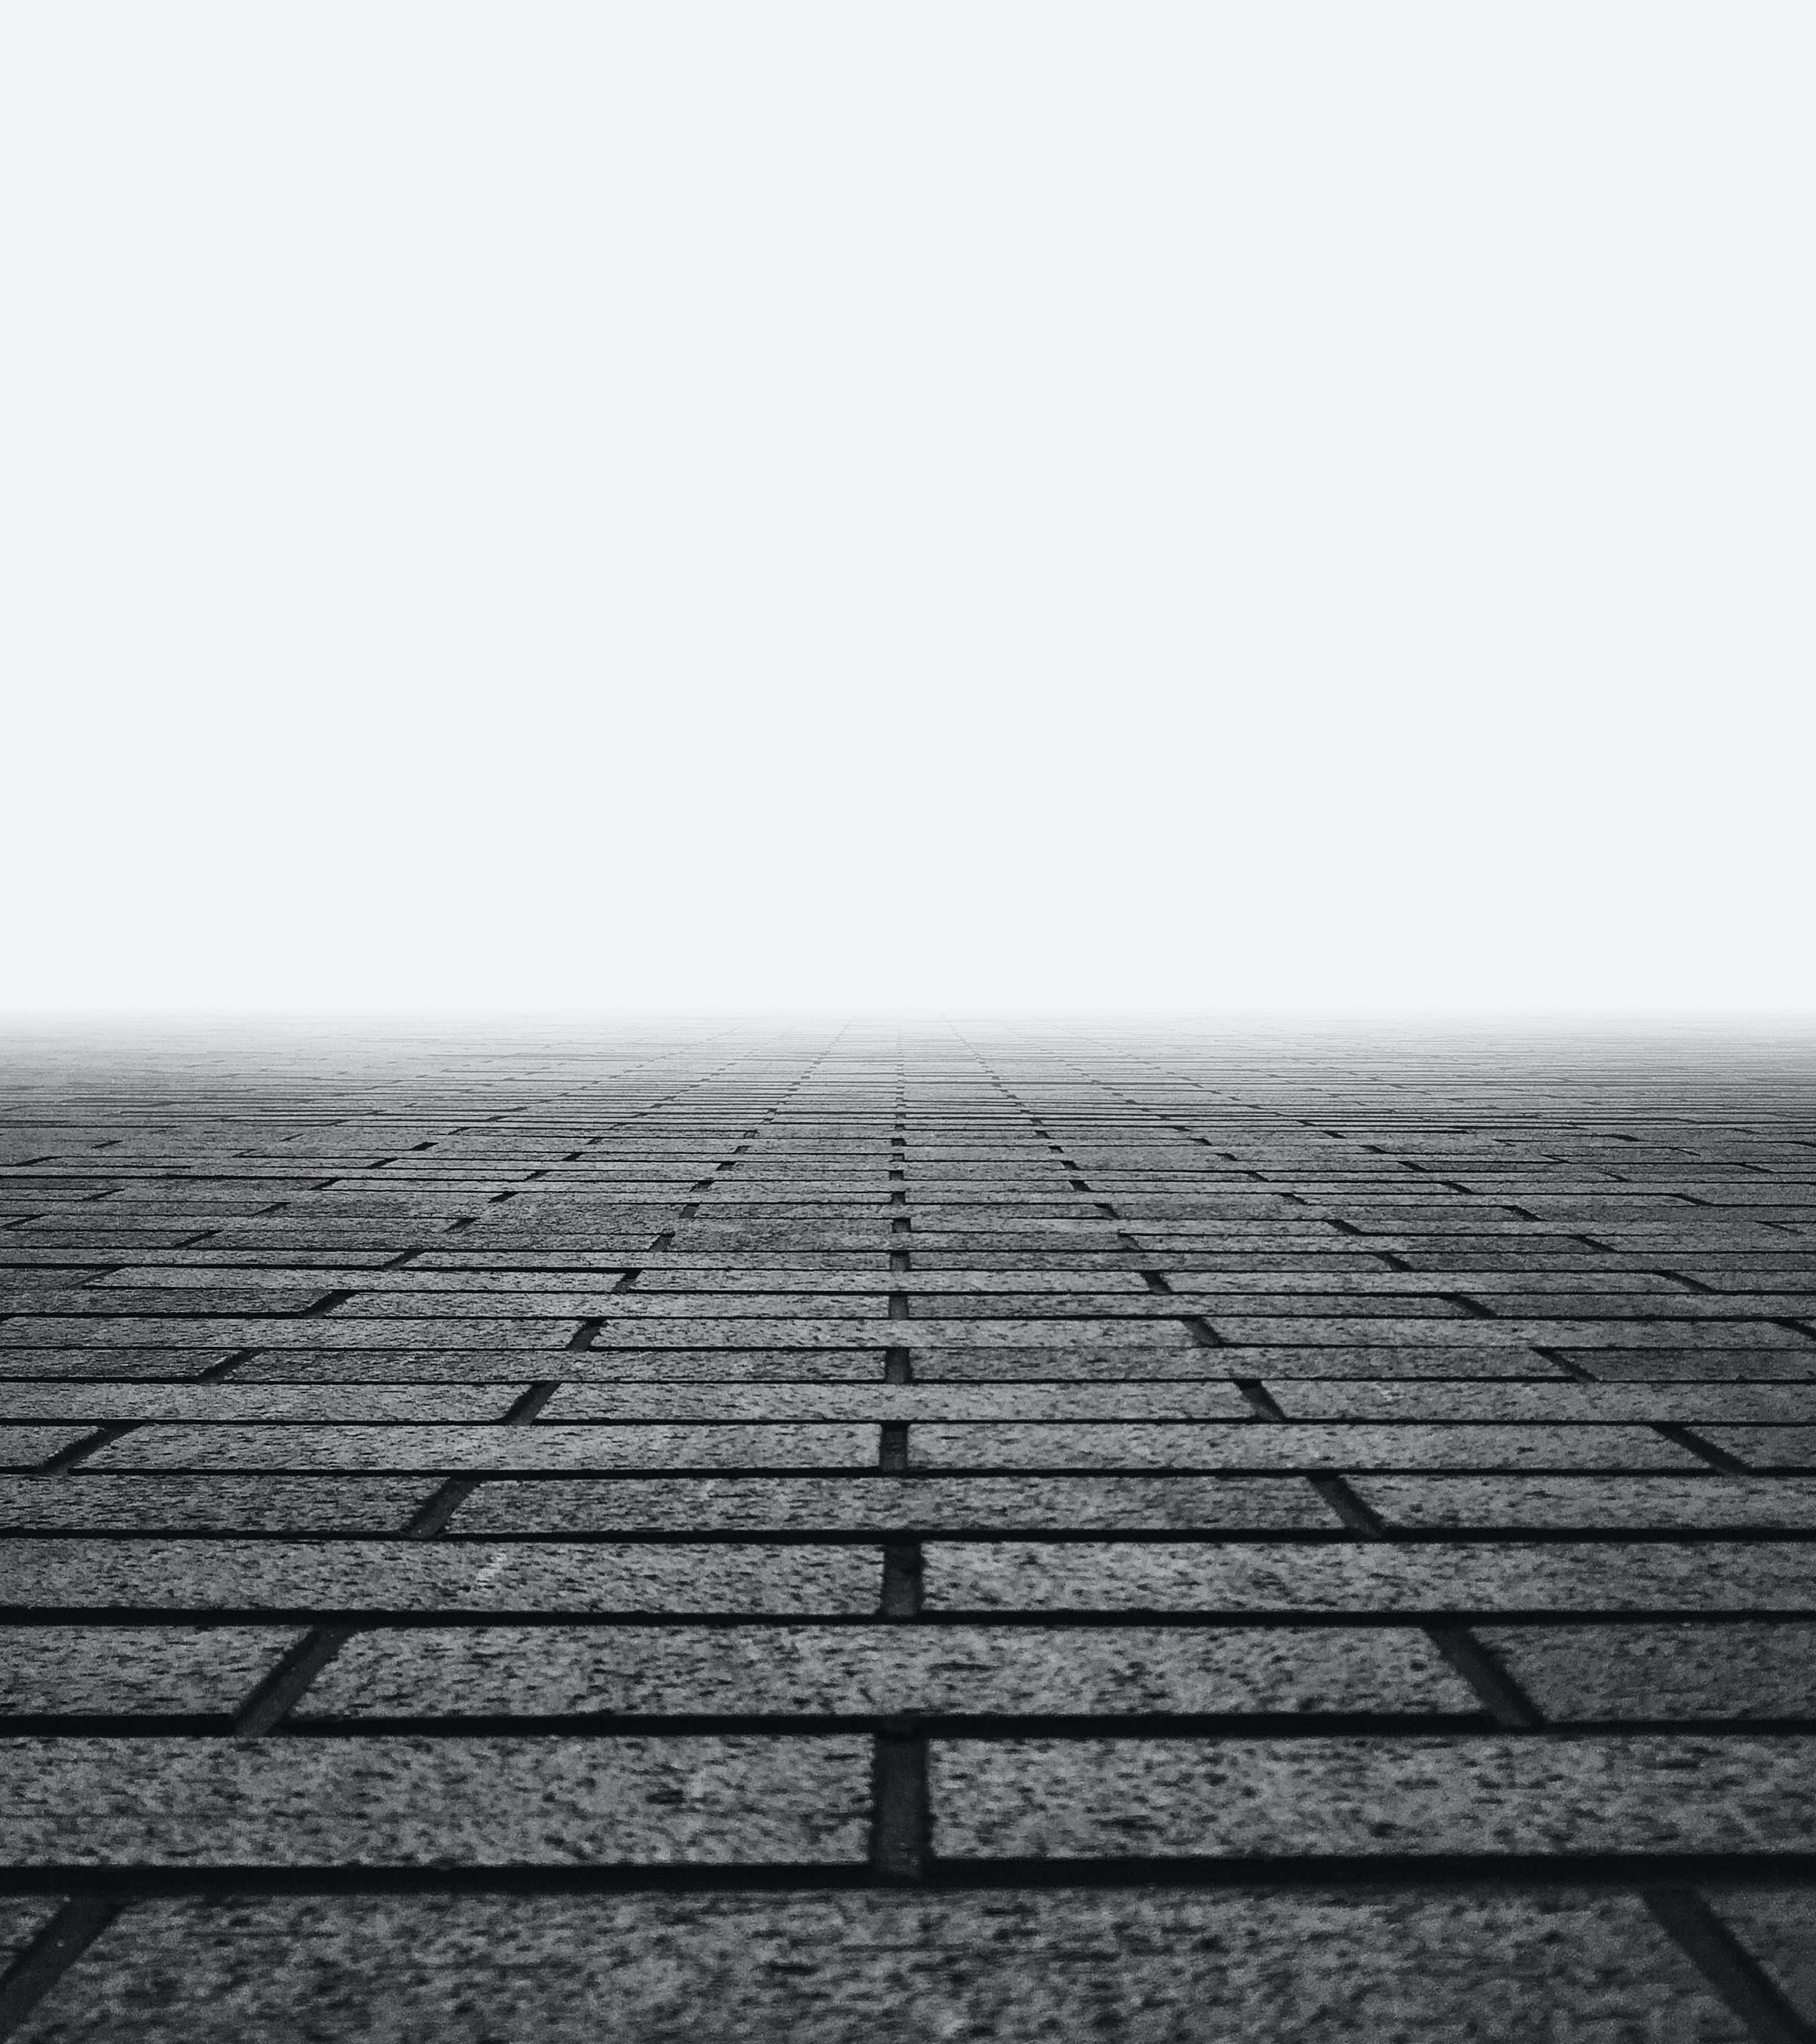 photo of gray concrete floor with fogs